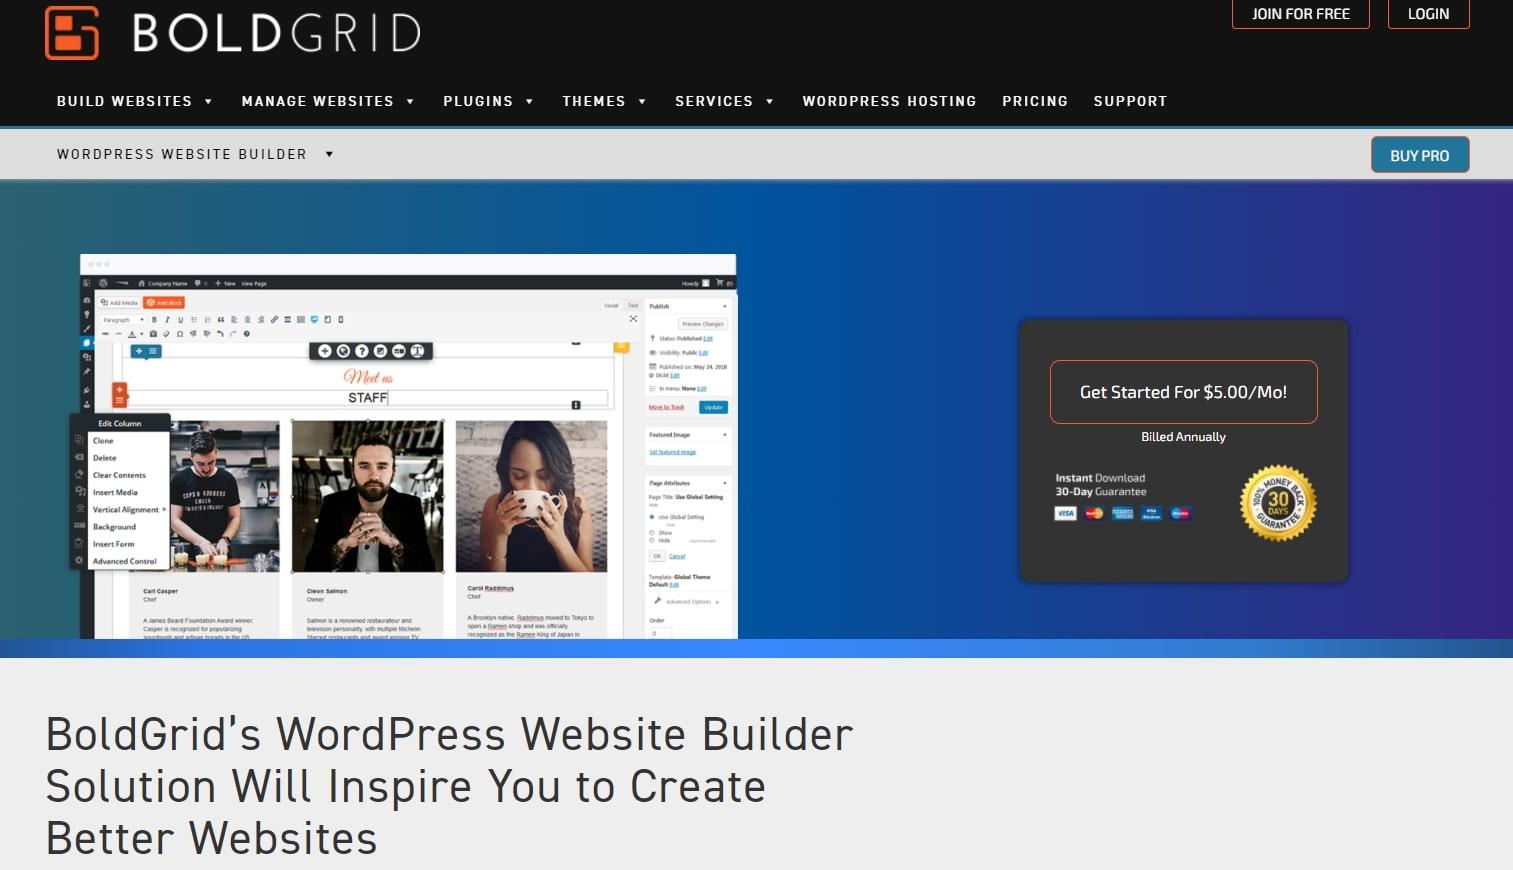 Page d'accueil du constructeur de sites Web BoldGrid